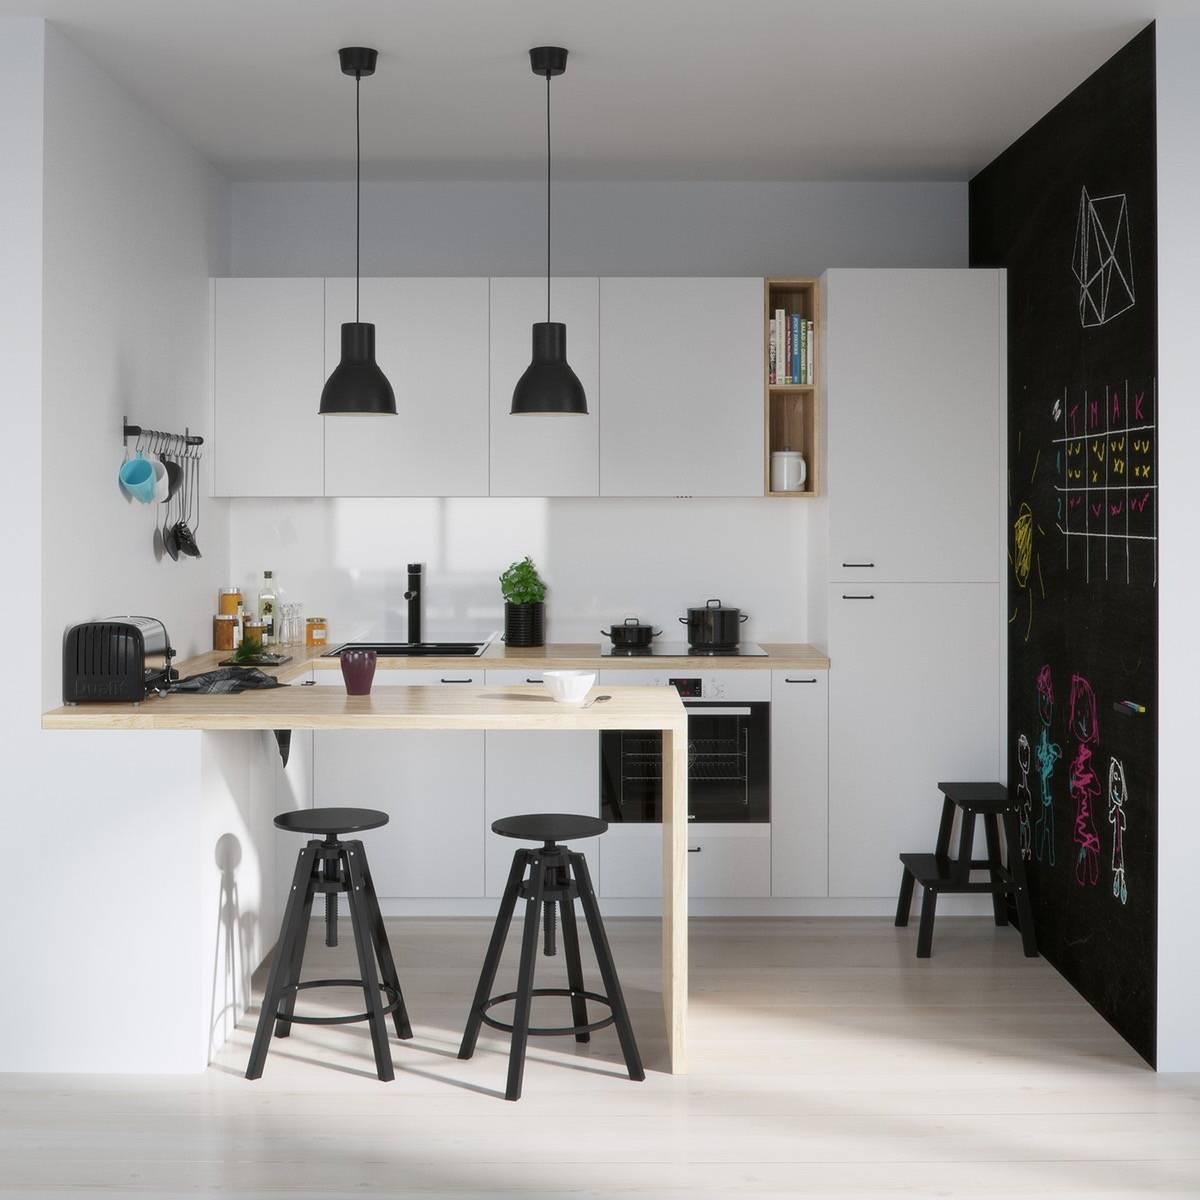 Deco Cuisine Noire | Deco Cuisine Noir Et Beige Idée De Modèle De ...